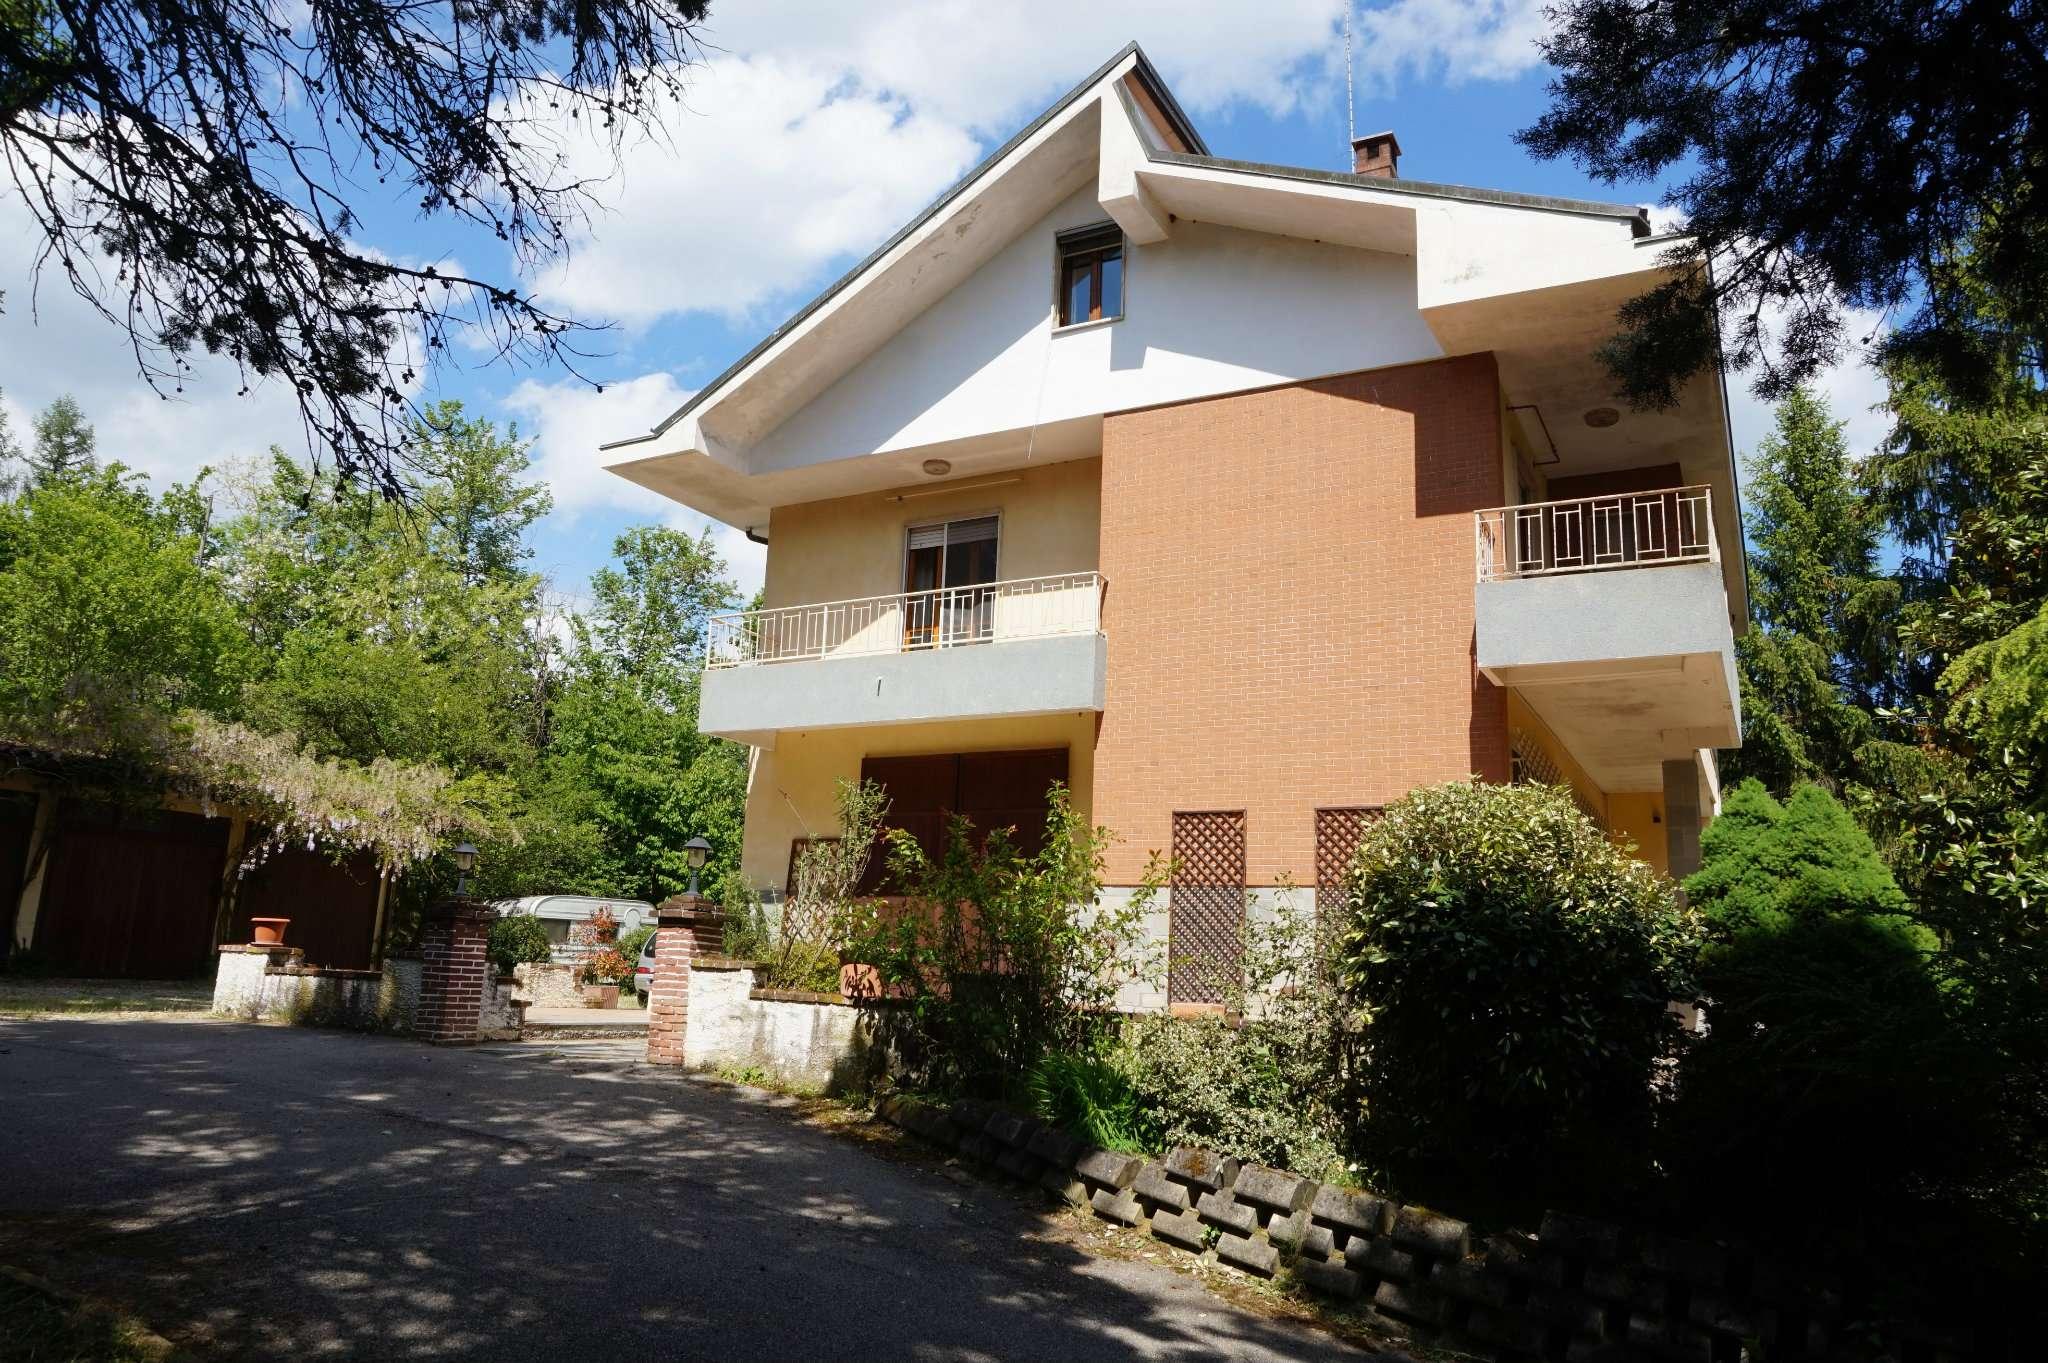 Foto 1 di Casa indipendente via Monferrato  37, Castelnuovo Don Bosco